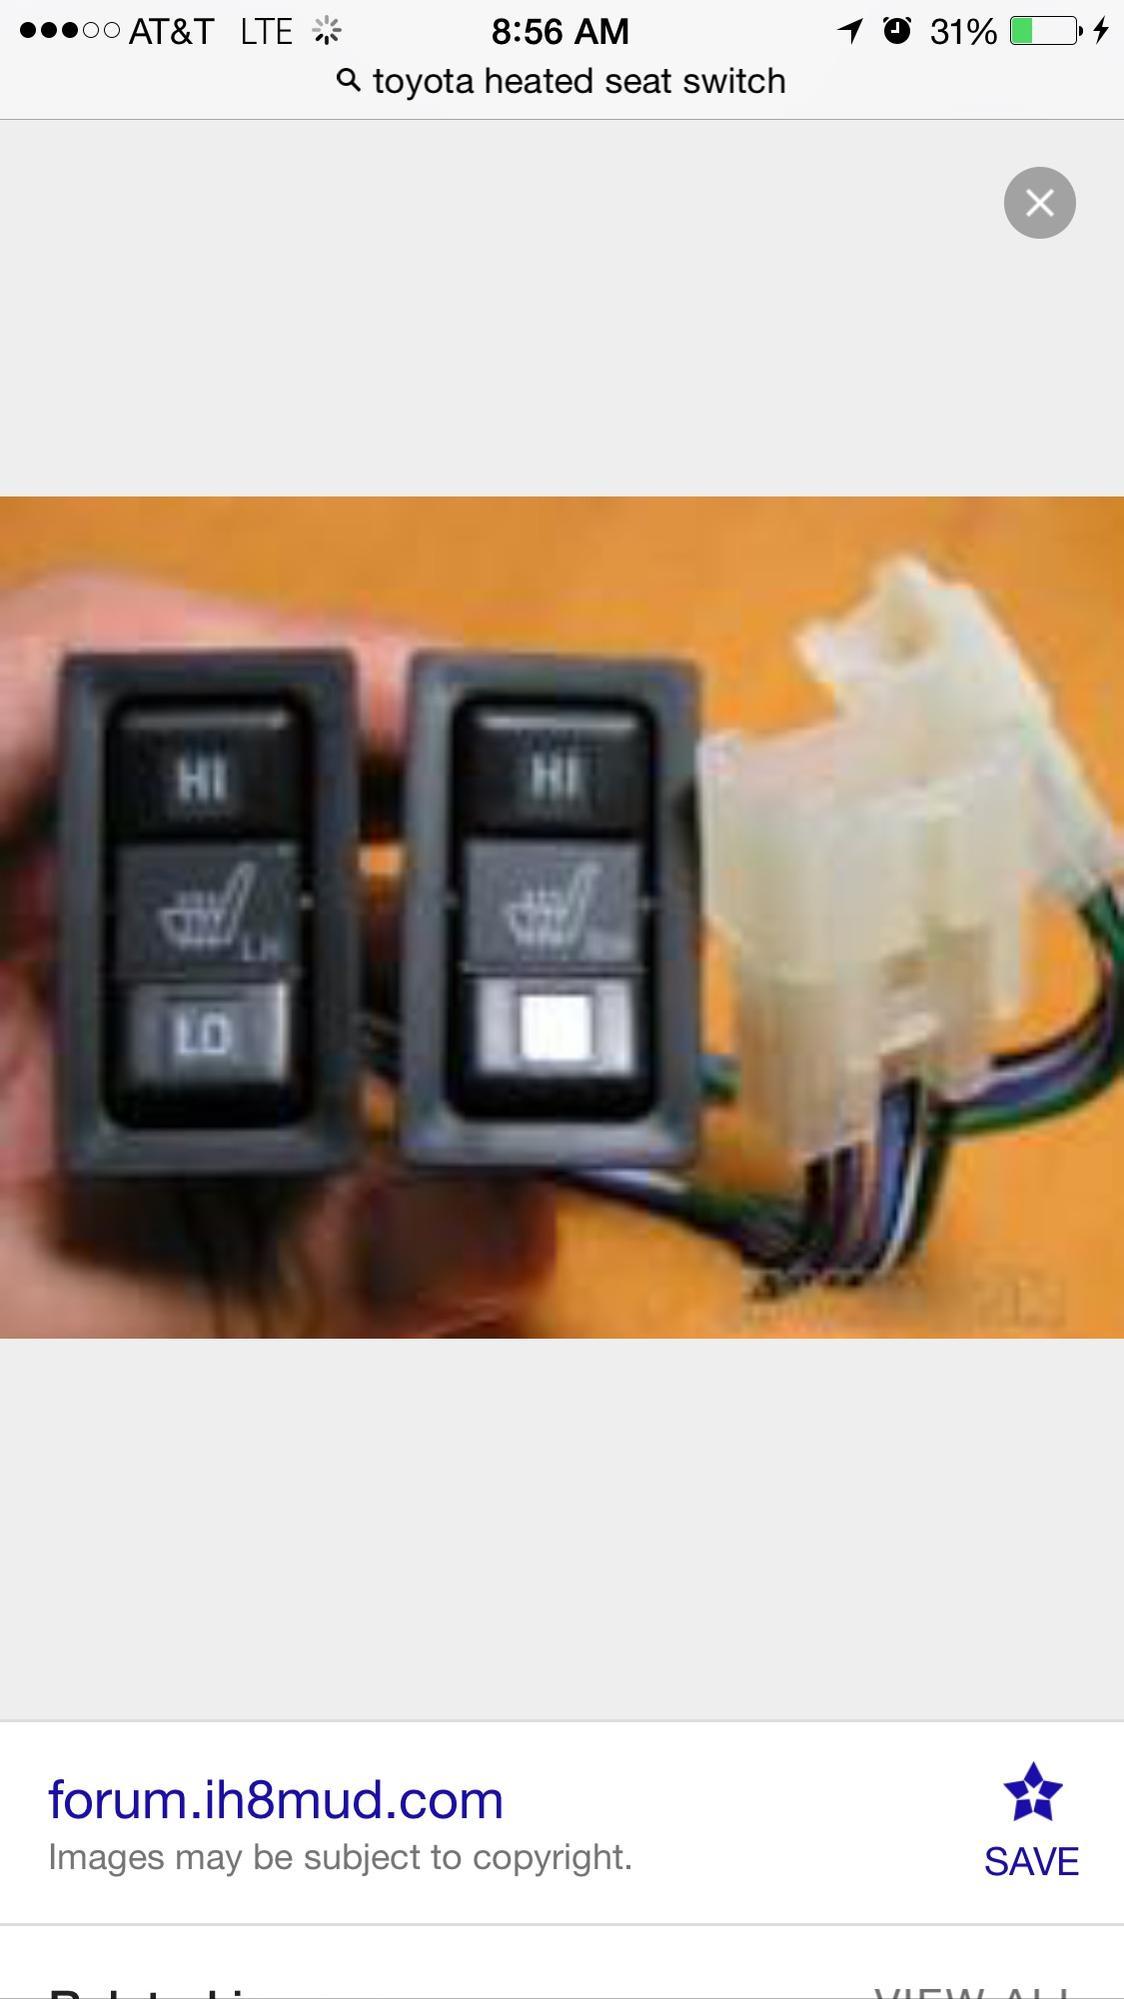 Spdt Switch For Light Bar Toyota 4runner Forum Largest Image